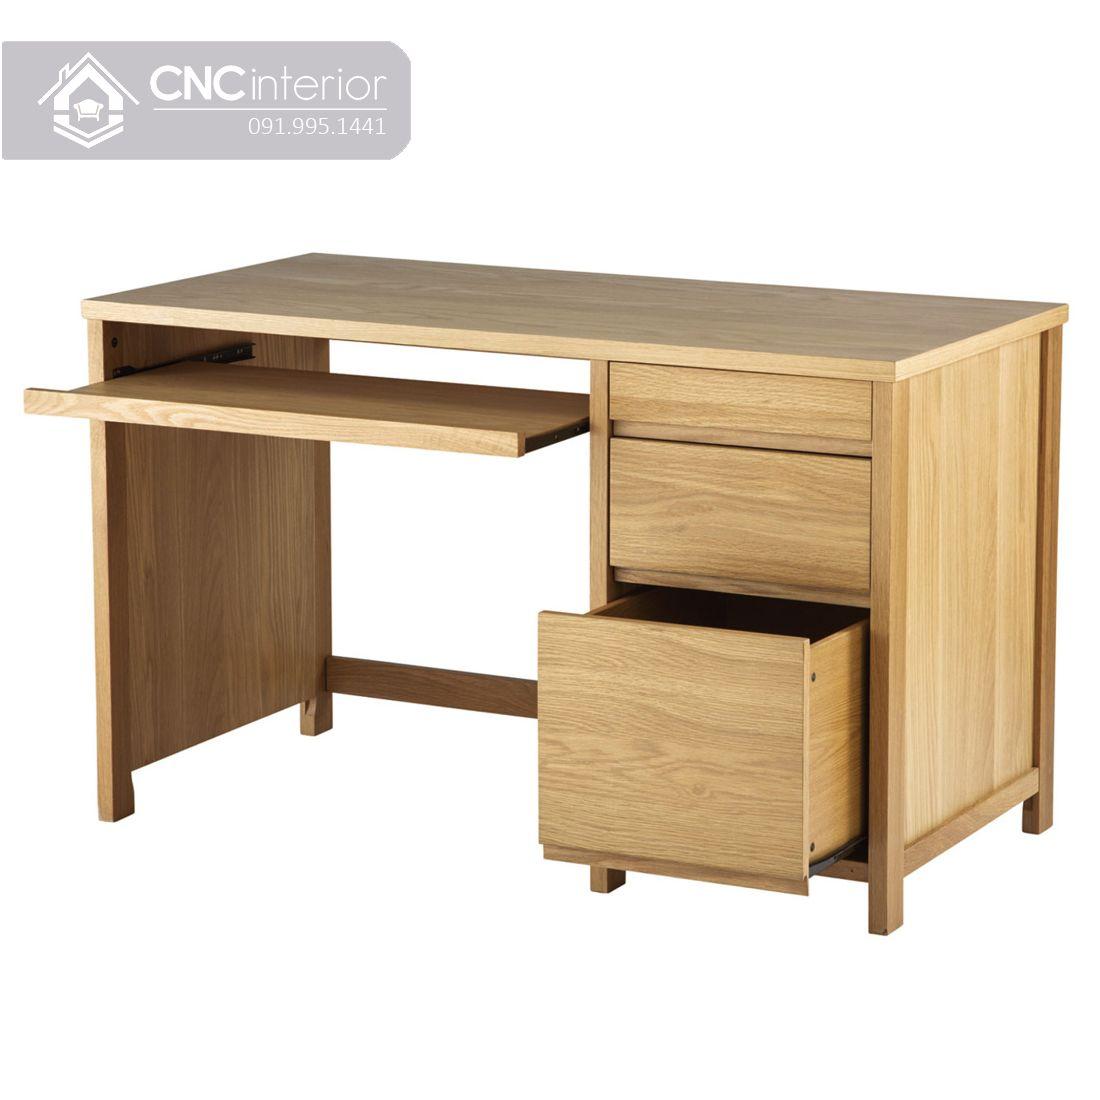 Bàn làm việc bằng gỗ công nghiệp chất lượng CNC 24  1